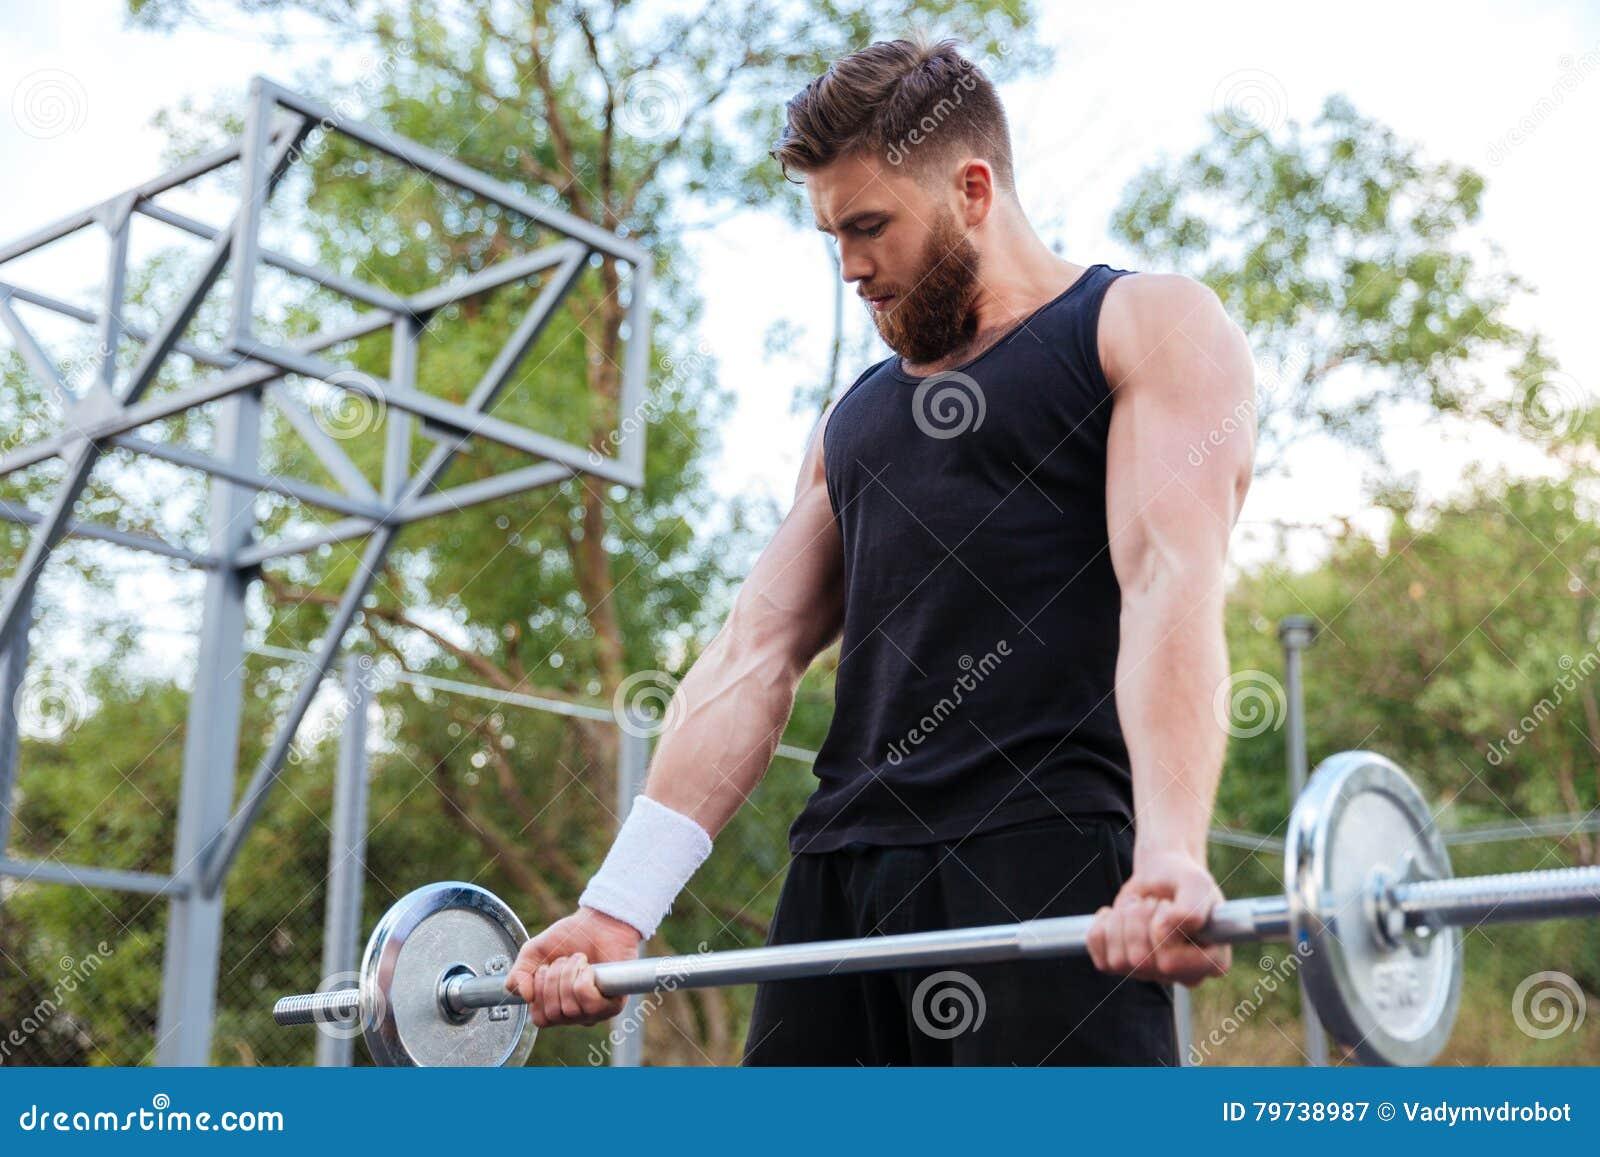 Barbell de elevación del hombre barbudo joven serio de la aptitud